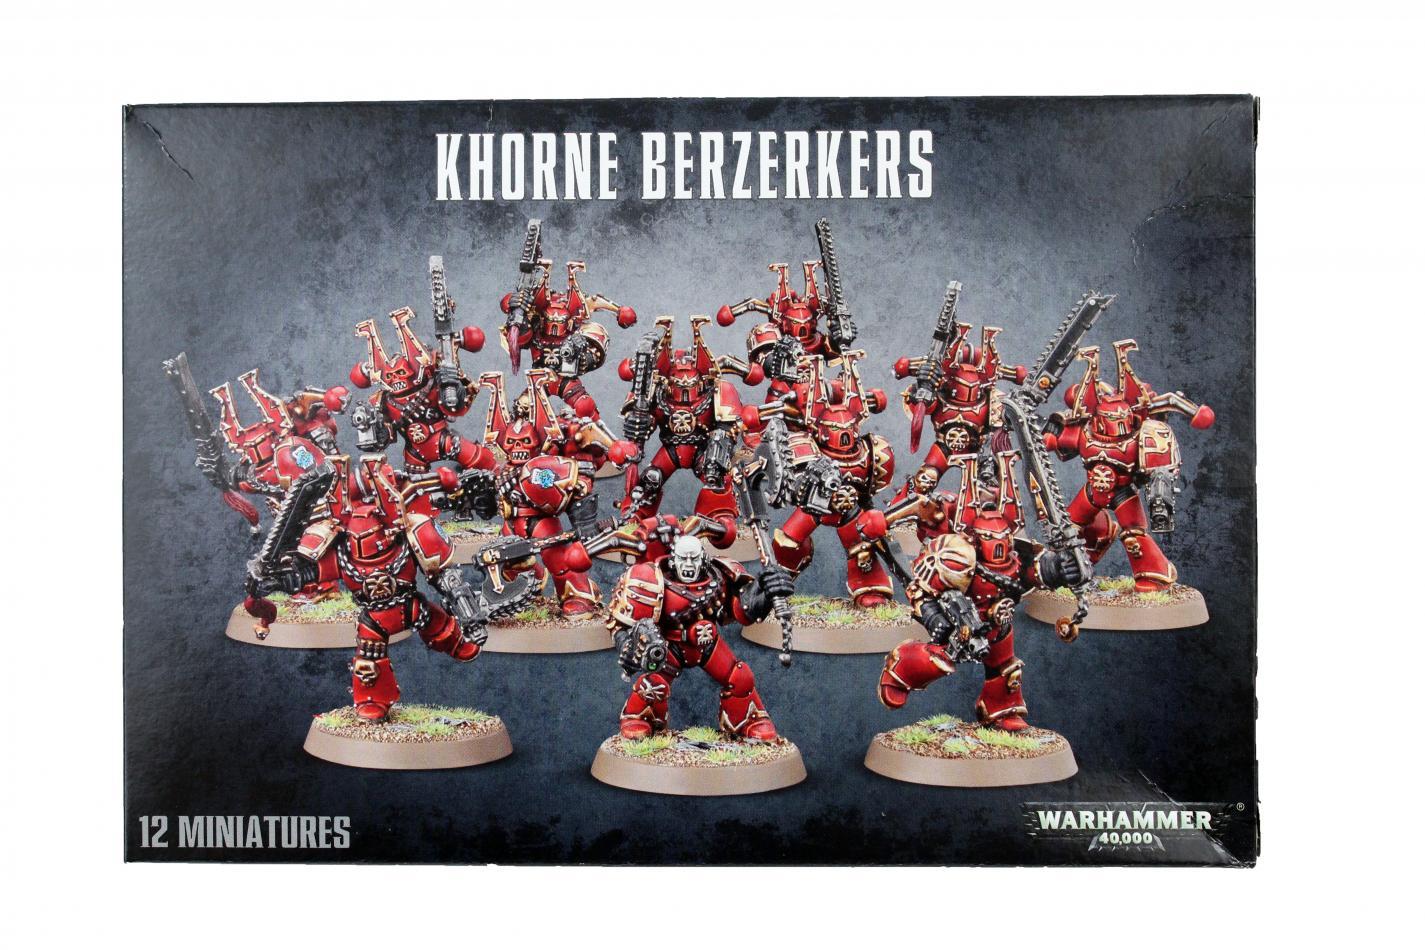 Khorne Berserkers